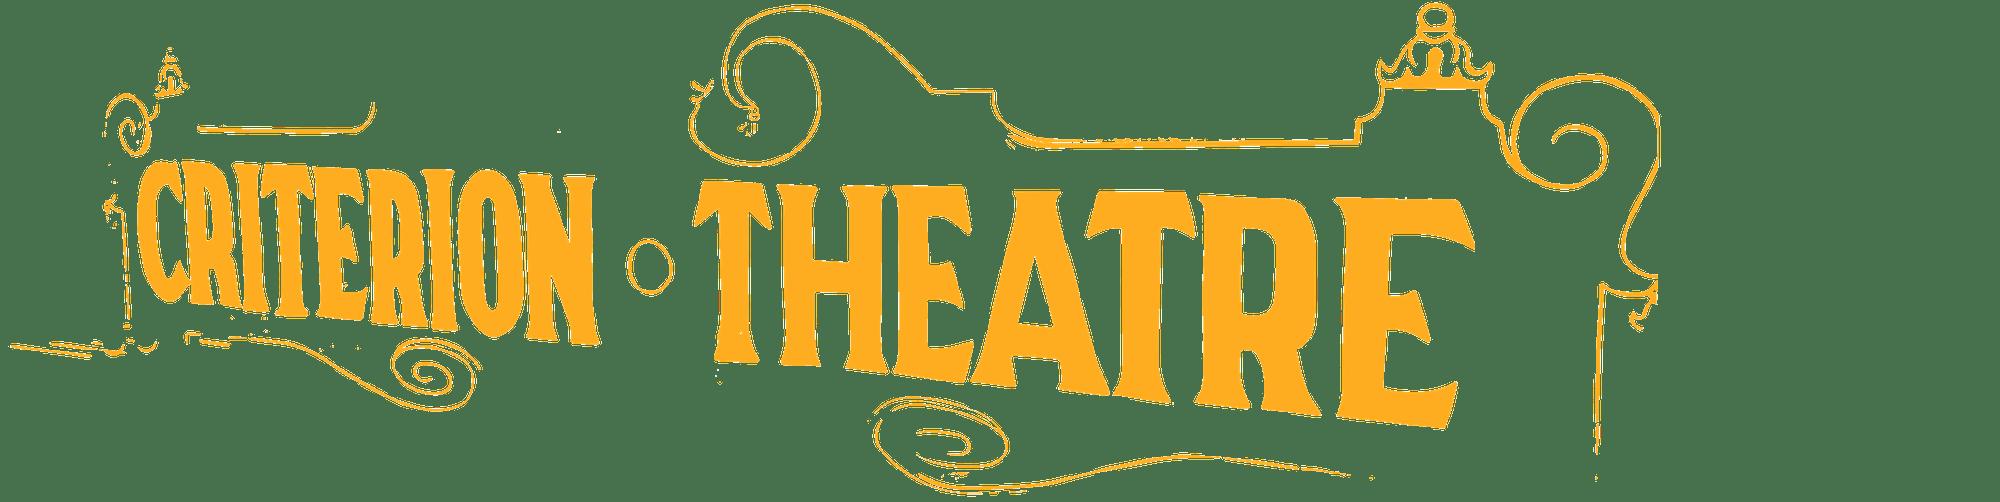 Criterin Theatre